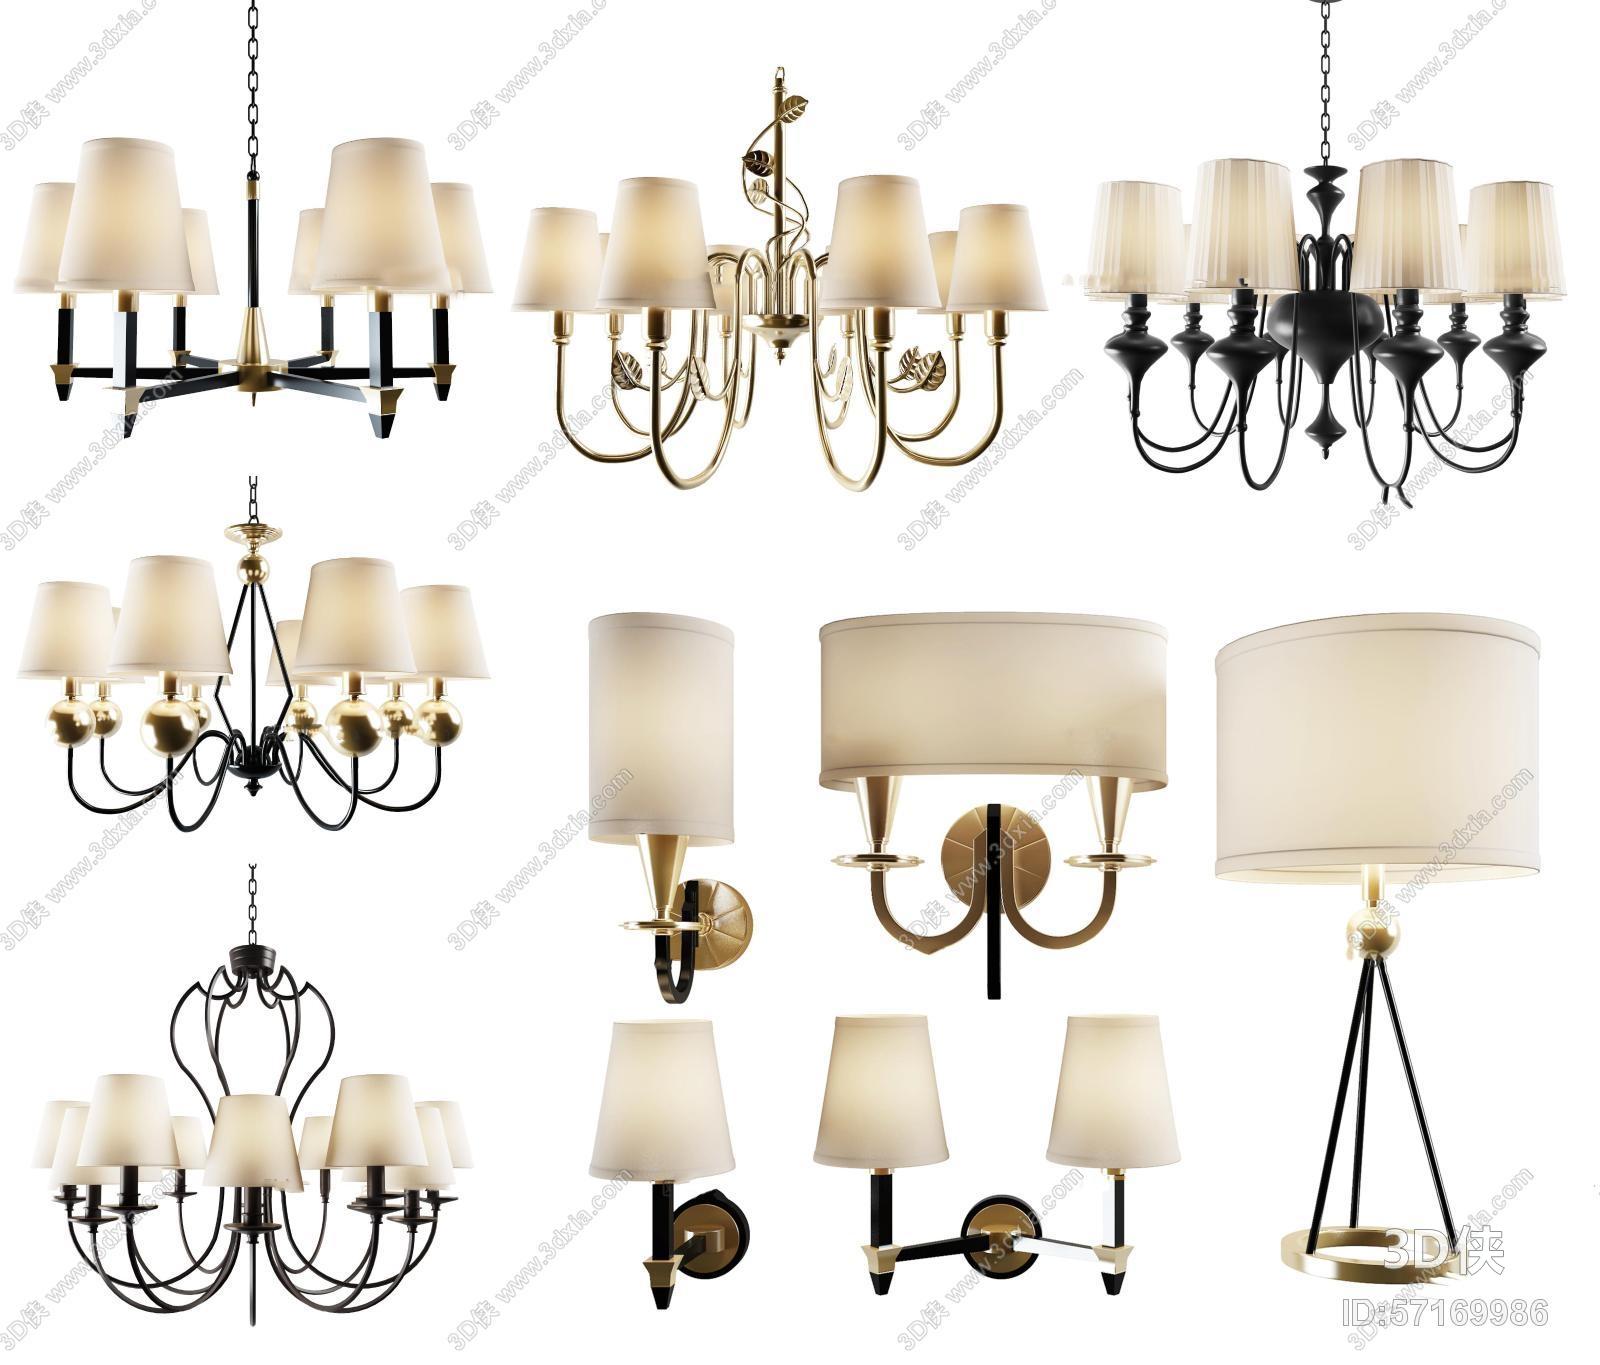 吊灯效果图素材免费下载,本作品主题是美式吊灯壁灯台灯组合3d模型